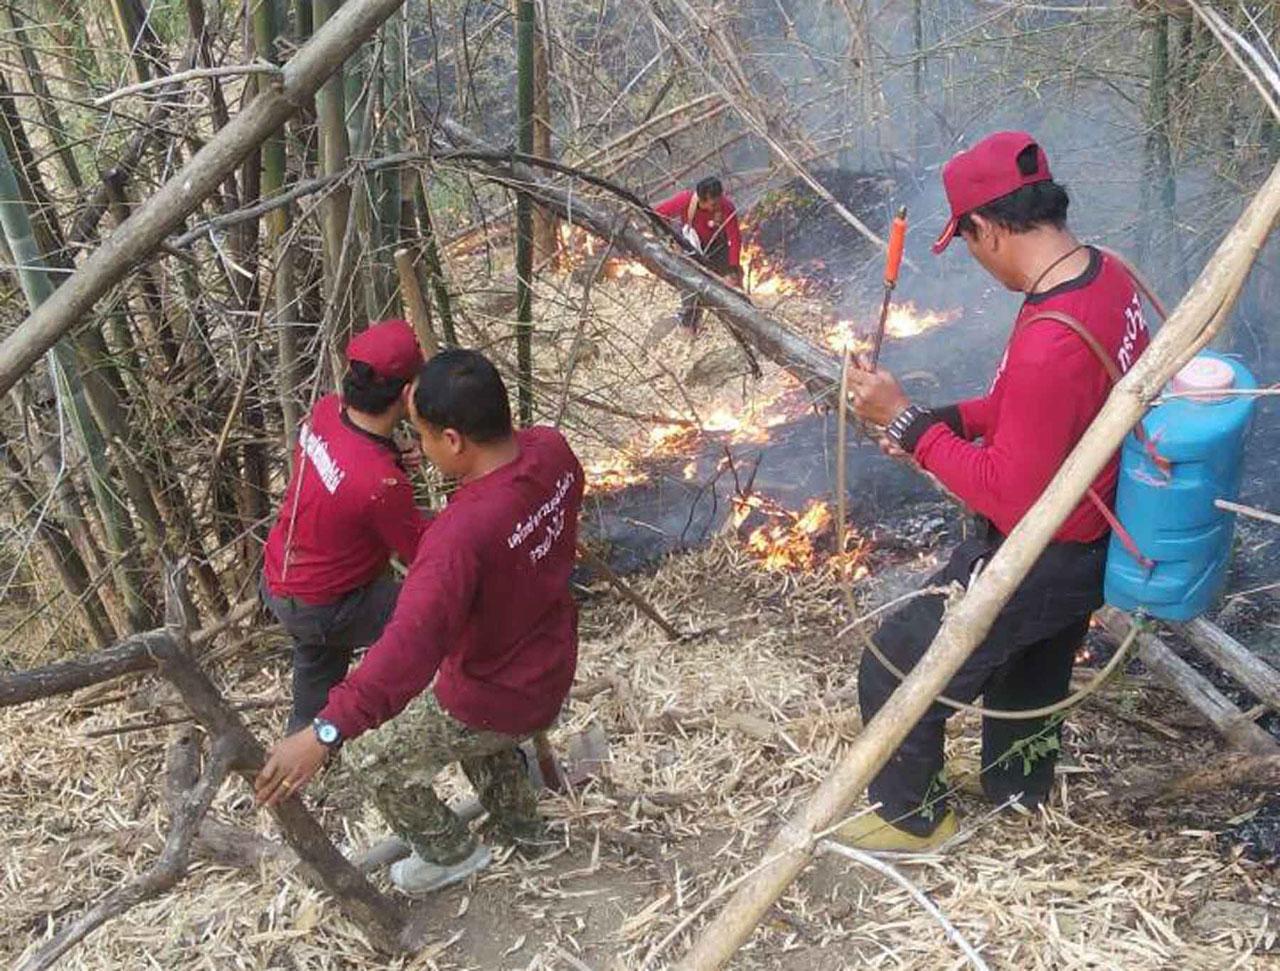 เจ้าหน้าที่ควบคุมไฟป่าแพร่เพิ่ม กำลังเข้าควบคุมเพลิงที่ลุกไหม้ป่า